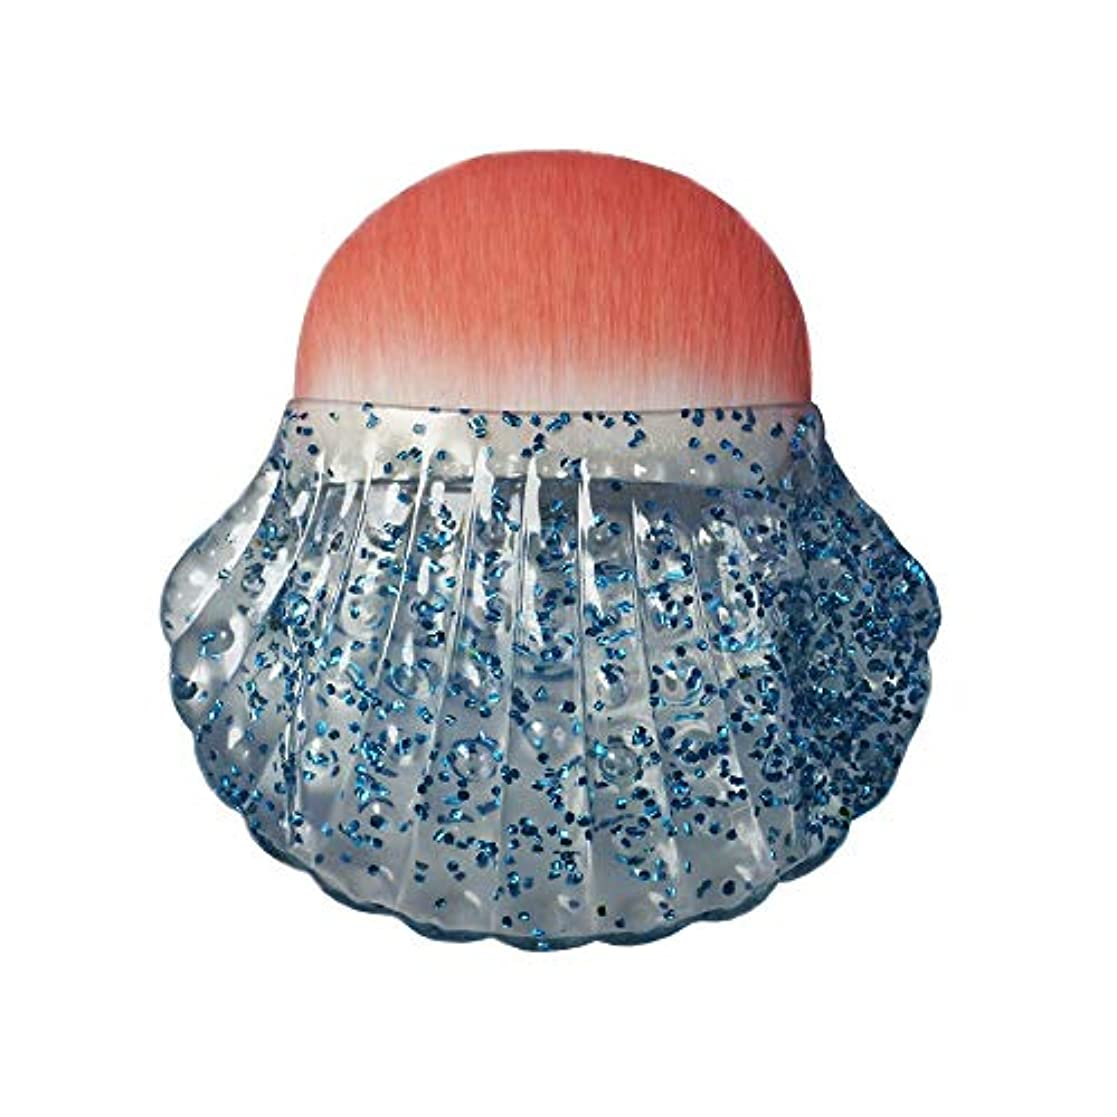 よく話される実際に料理をするMakeup brushes トリッピングブルー、個々のシェルタイプブラッシュブラシ美容メイクブラシツールポータブル多機能メイクブラシ suits (Color : Clear Sequin)